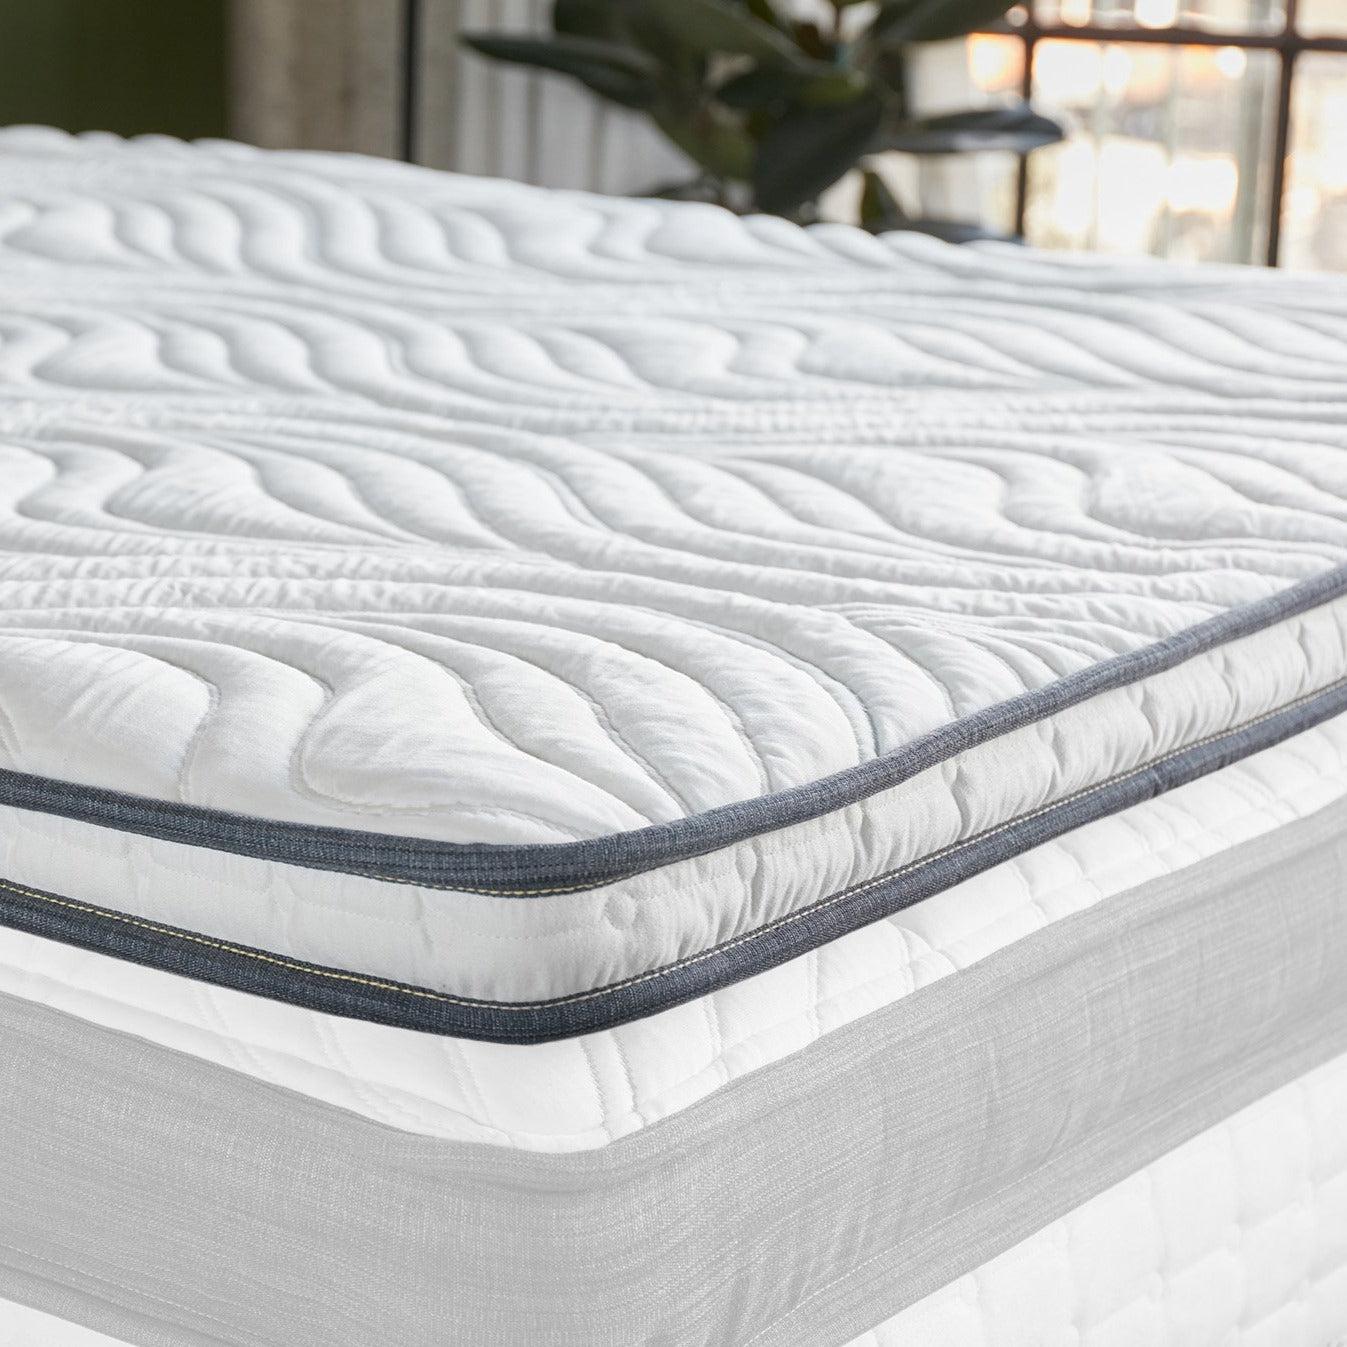 air max mattress topper king